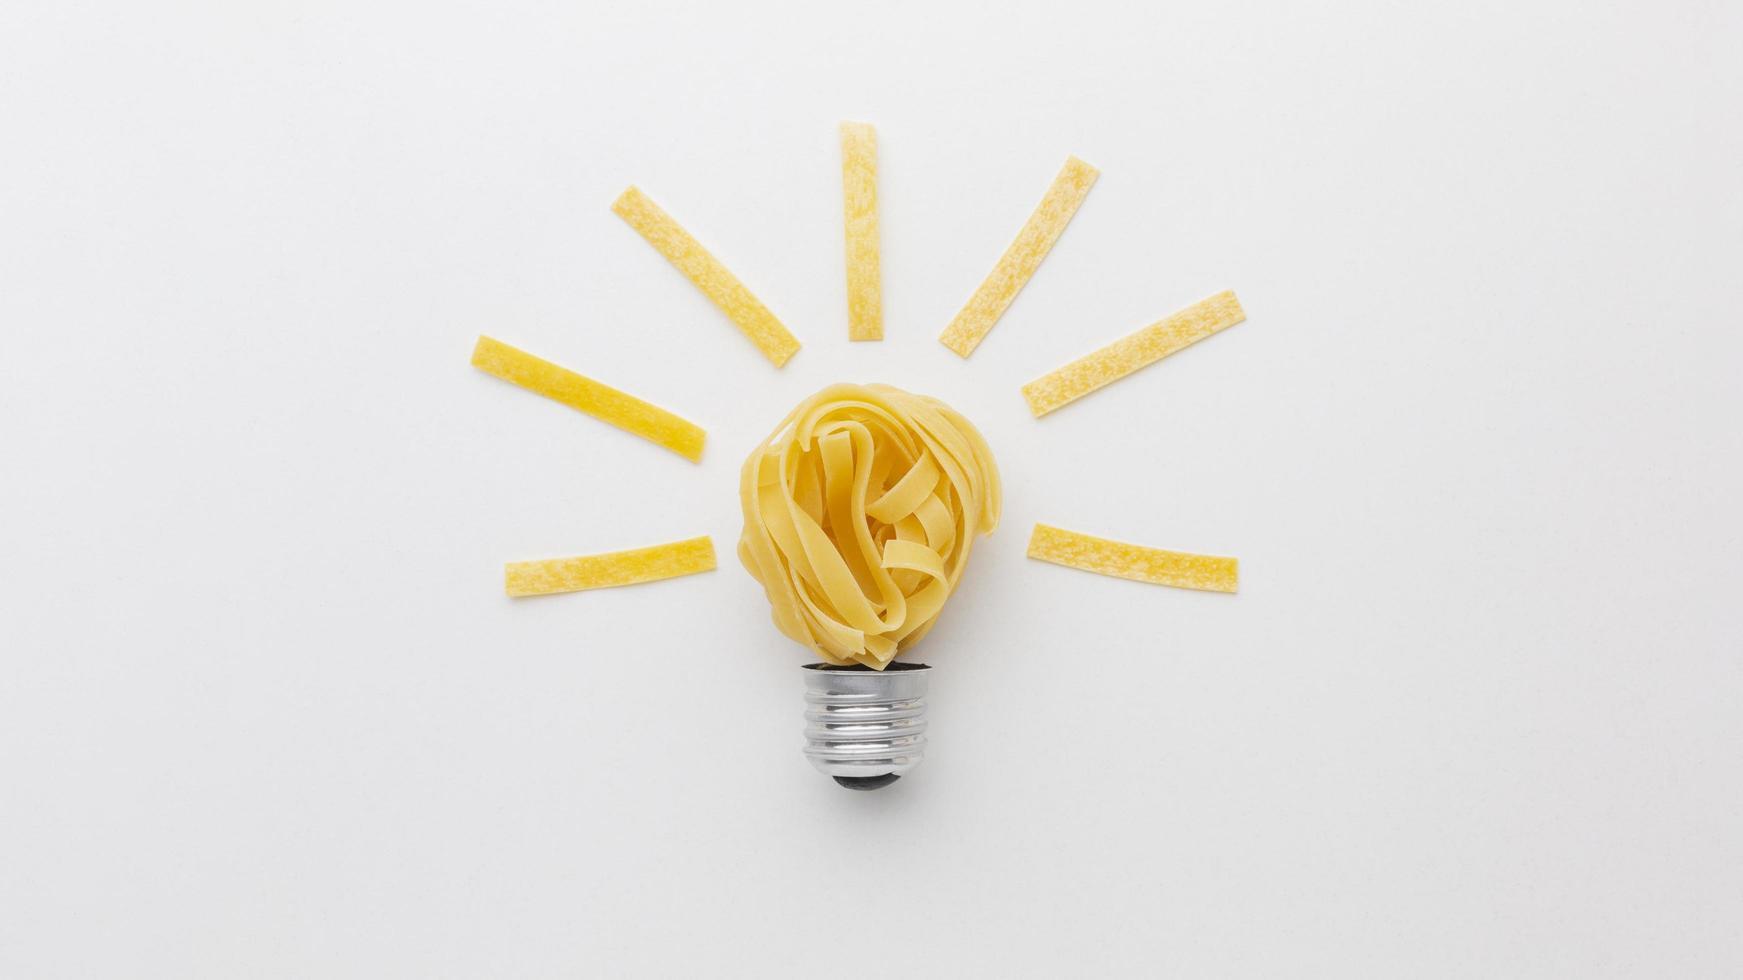 arrangement d & # 39; innovation abstraite à plat photo